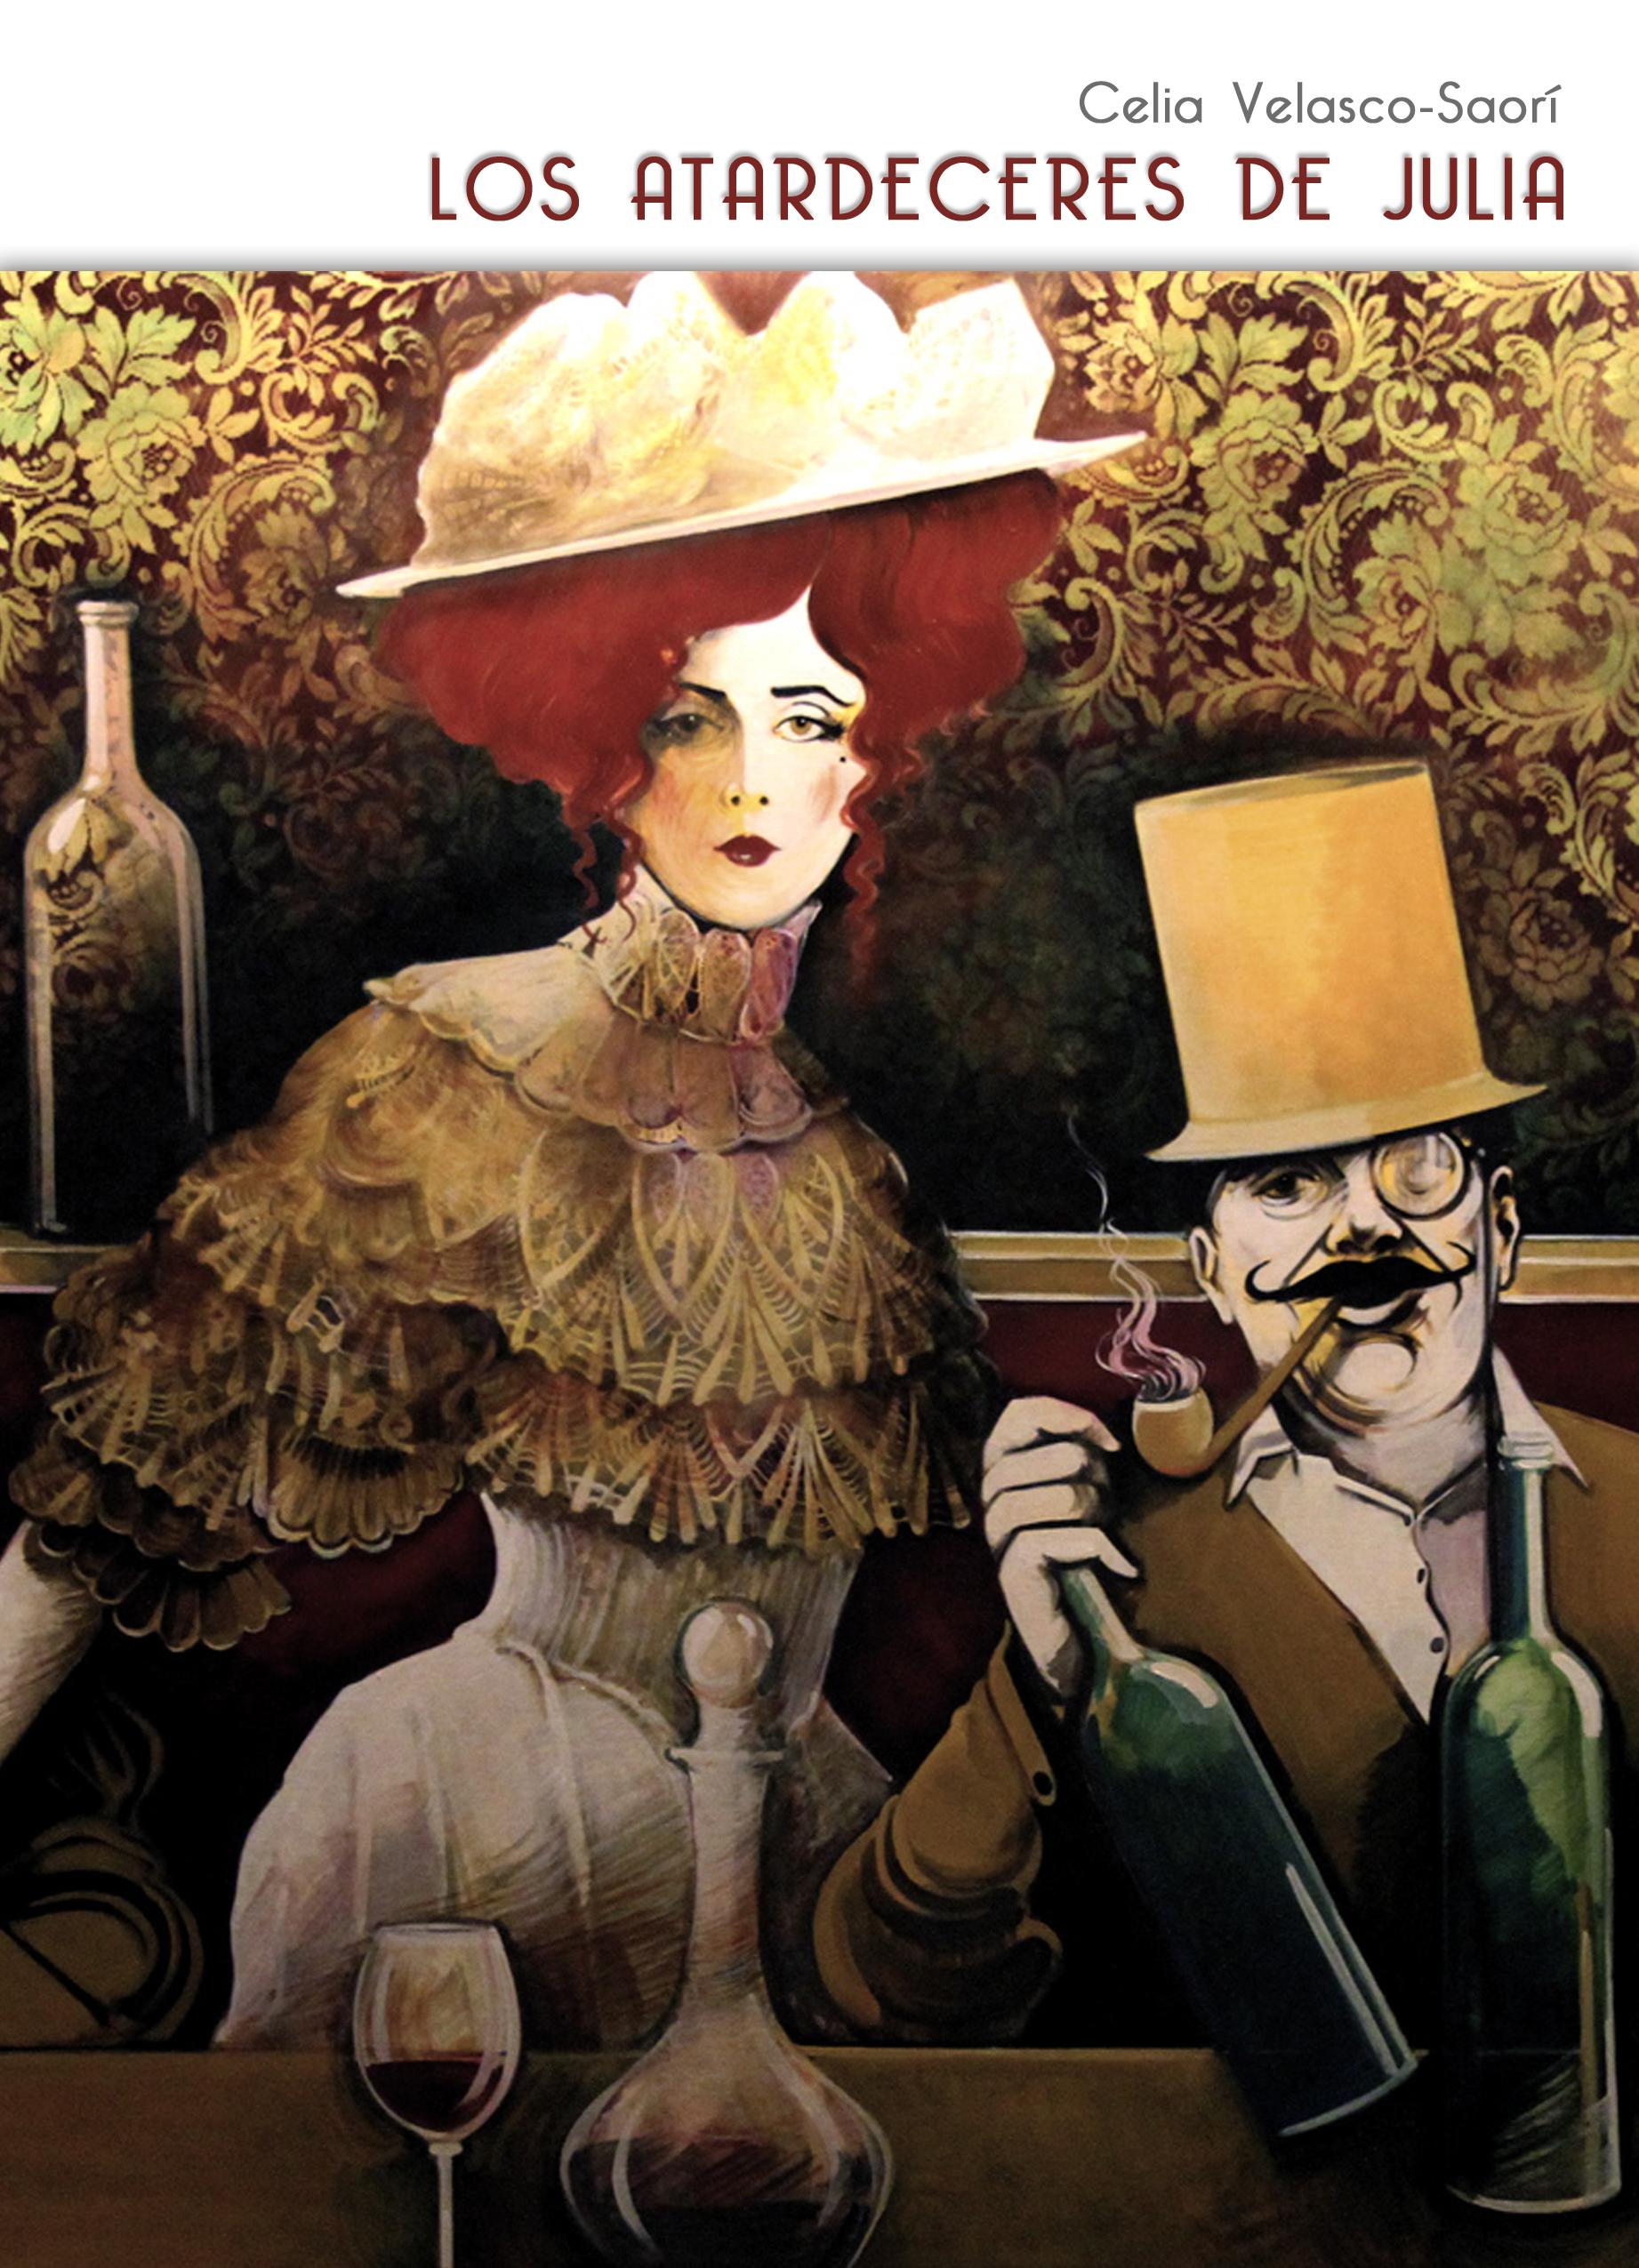 http://celiavelascosaori.com/wp-content/uploads/2013/04/portada-atardeceres-3-2.jpg